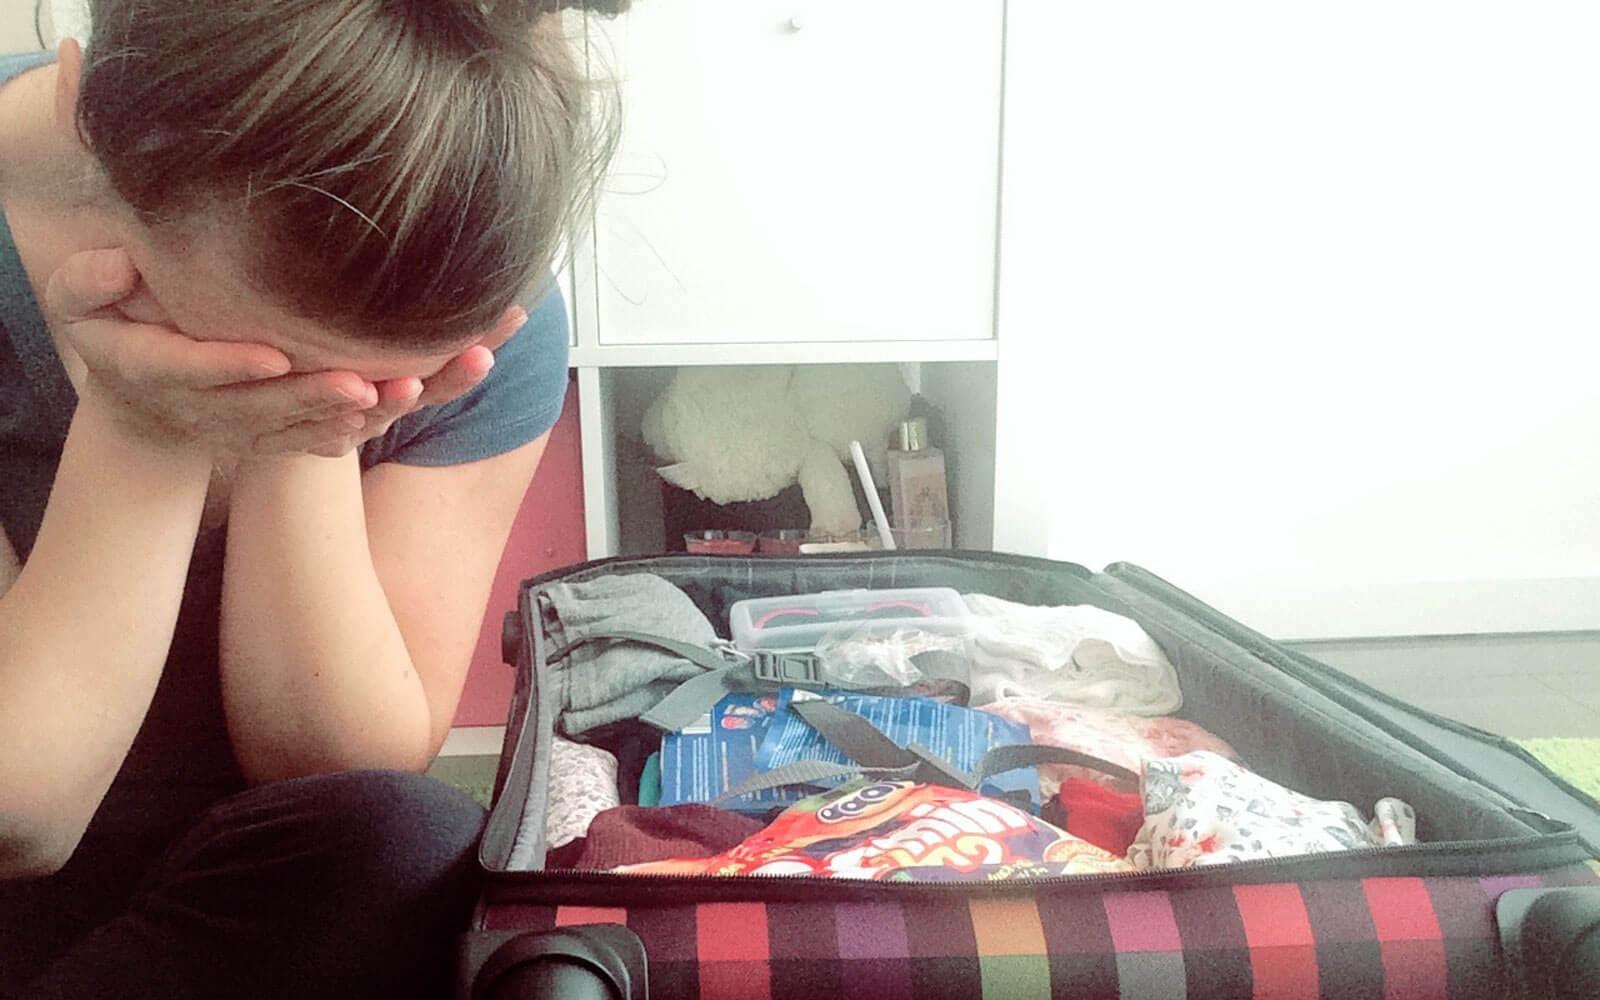 Verzweiflung beim Kofferpacken